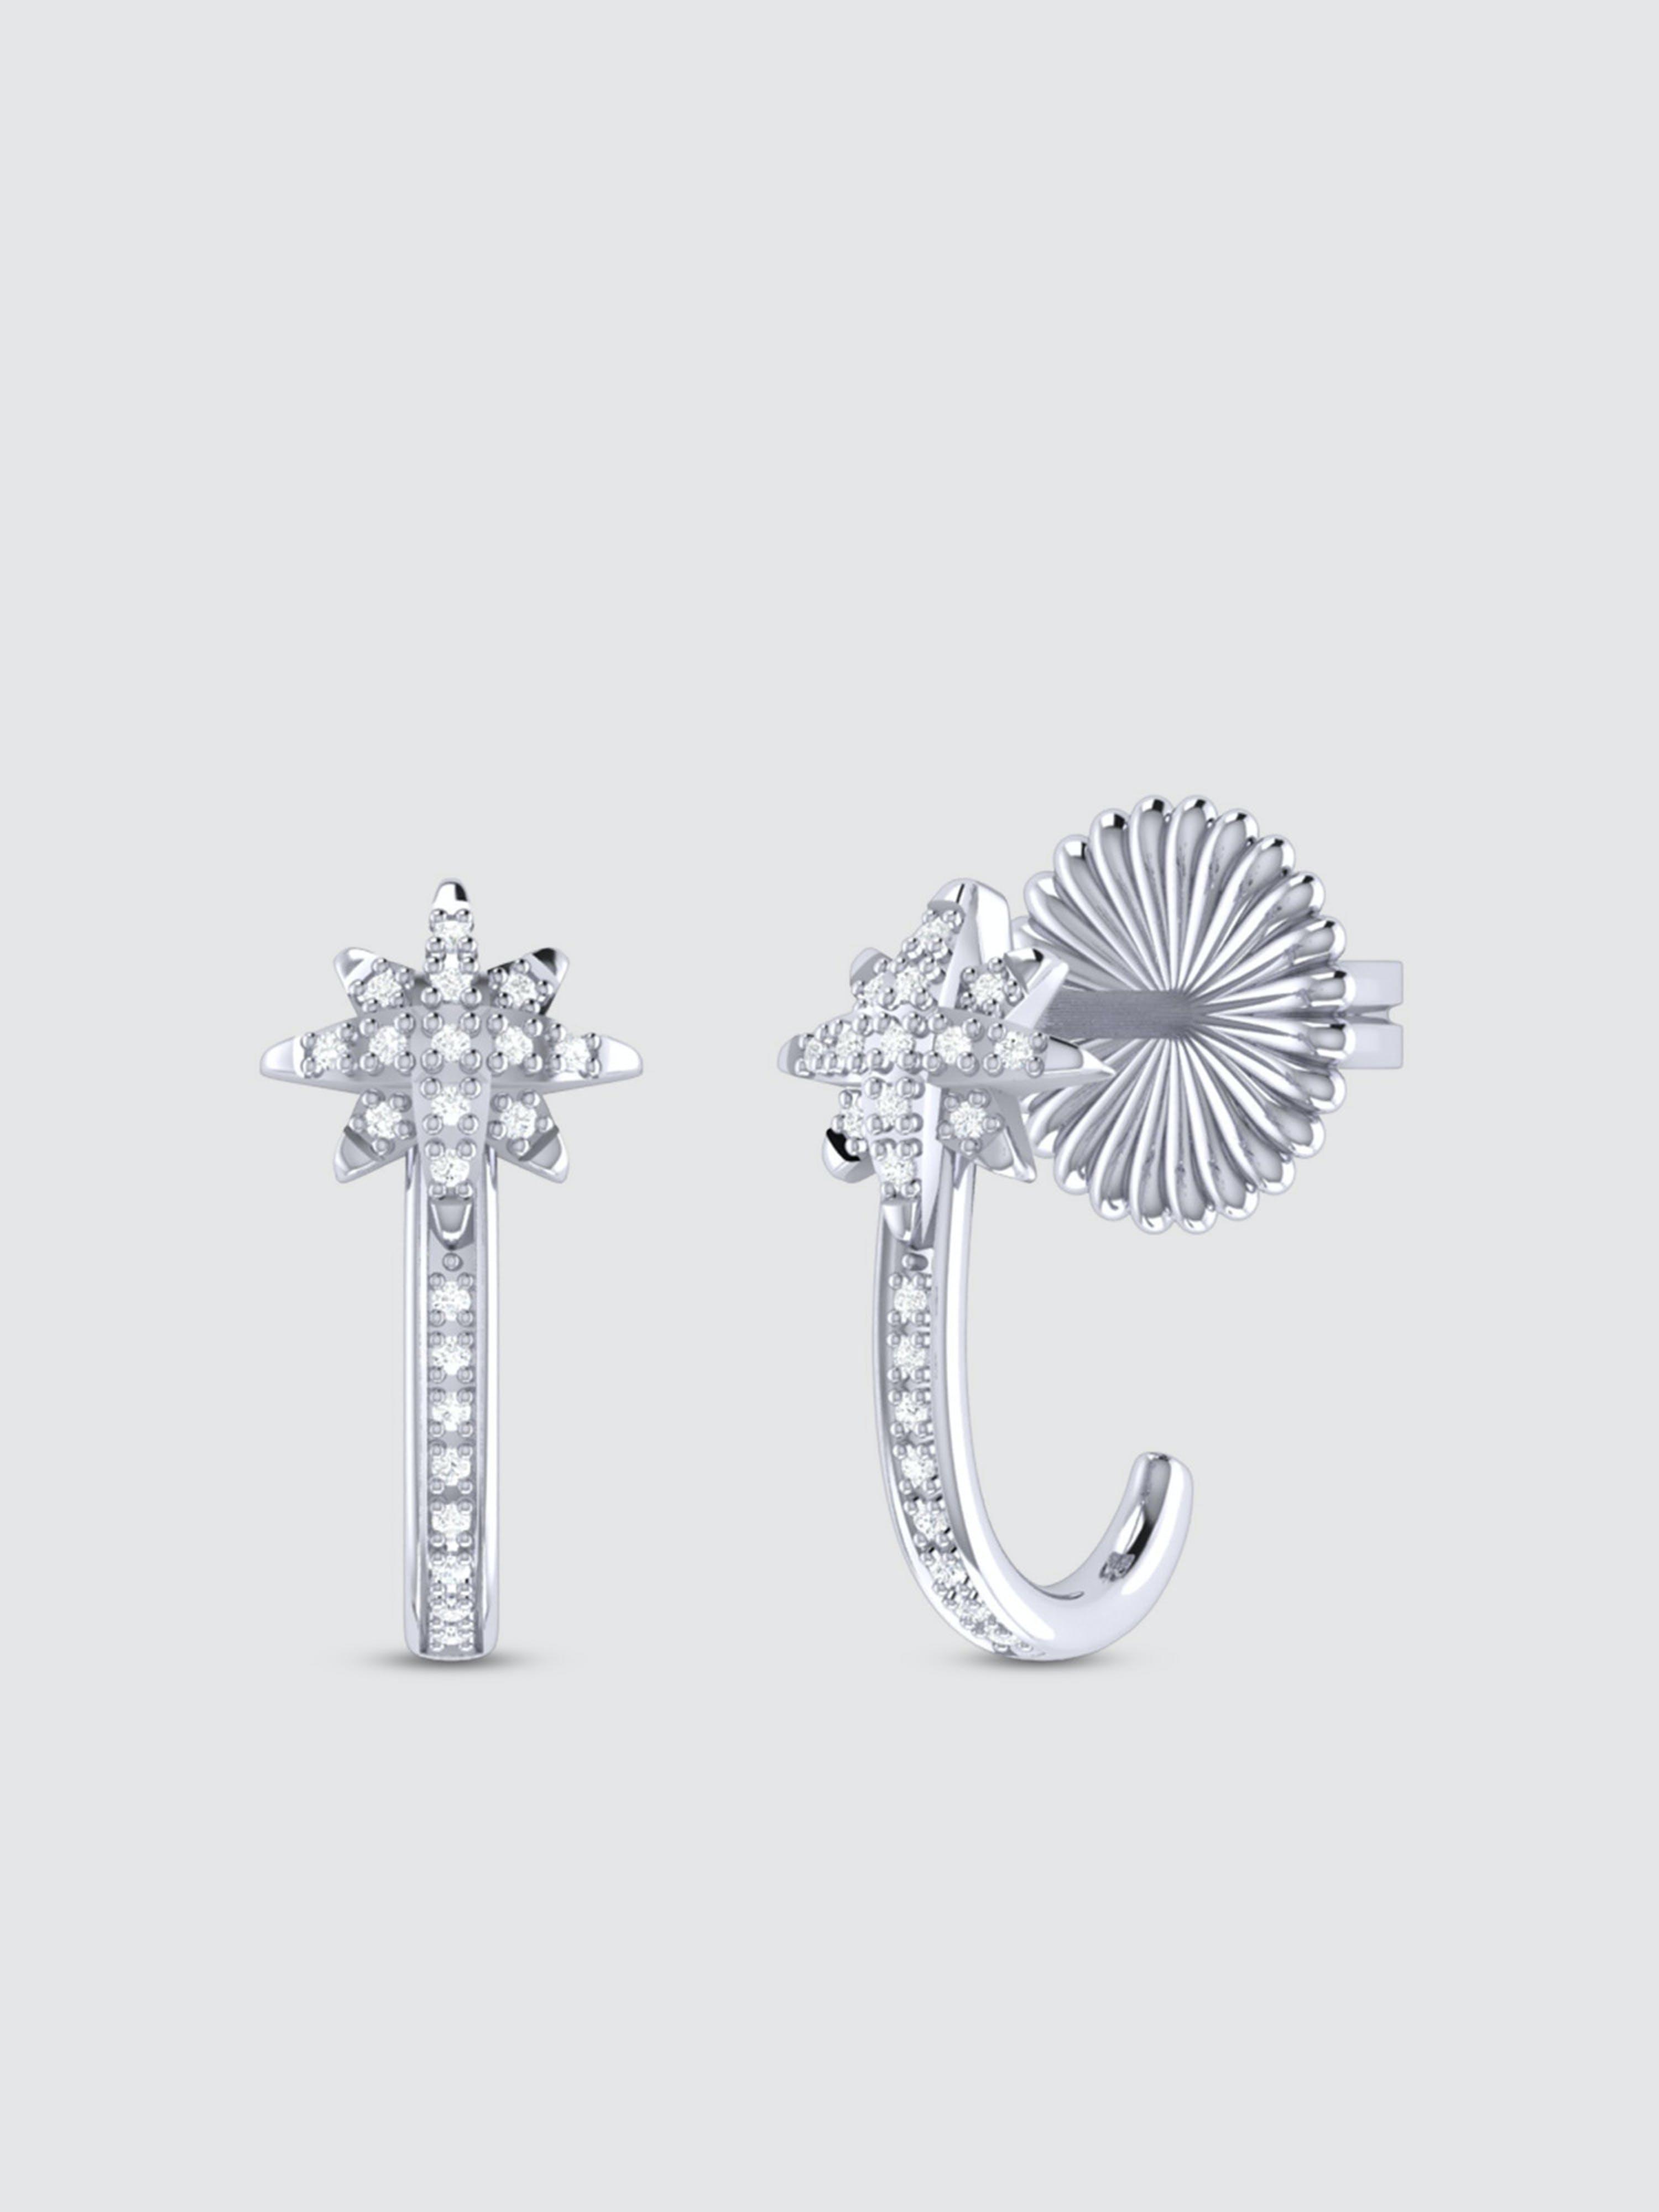 Luvmyjewelry North Star Diamond Earrings In Sterling Silver In Grey